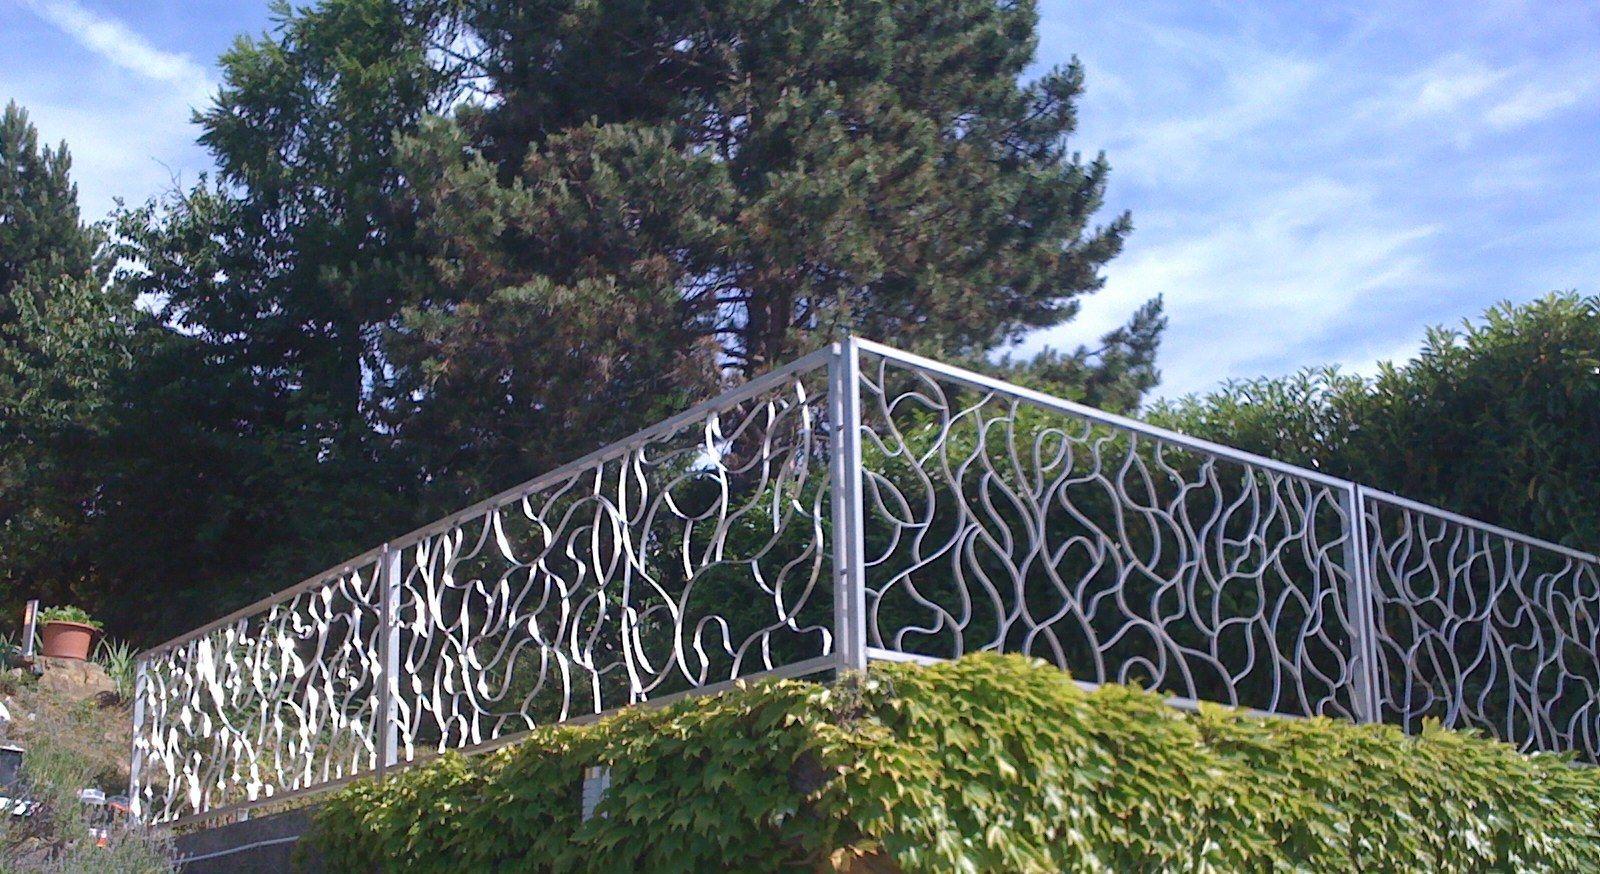 Design : Cloture De Jardin Castorama - Lyon 11, Cloture Pvc ... dedans Cloture Jardin Castorama